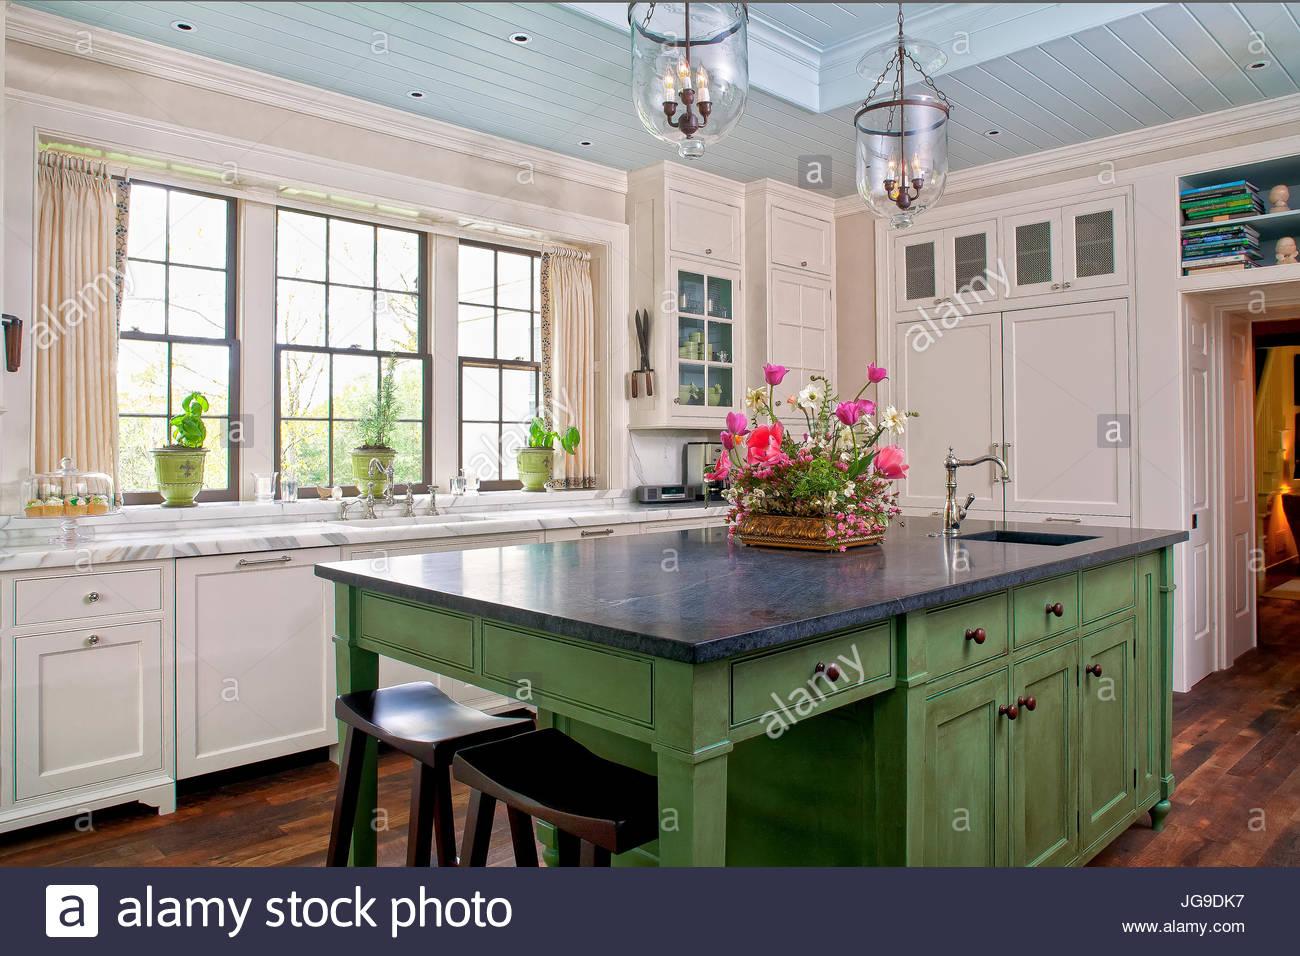 Land, Cottage-Küche, Aqua blau Decke, grüne Insel, Holzböden, Blumen ...